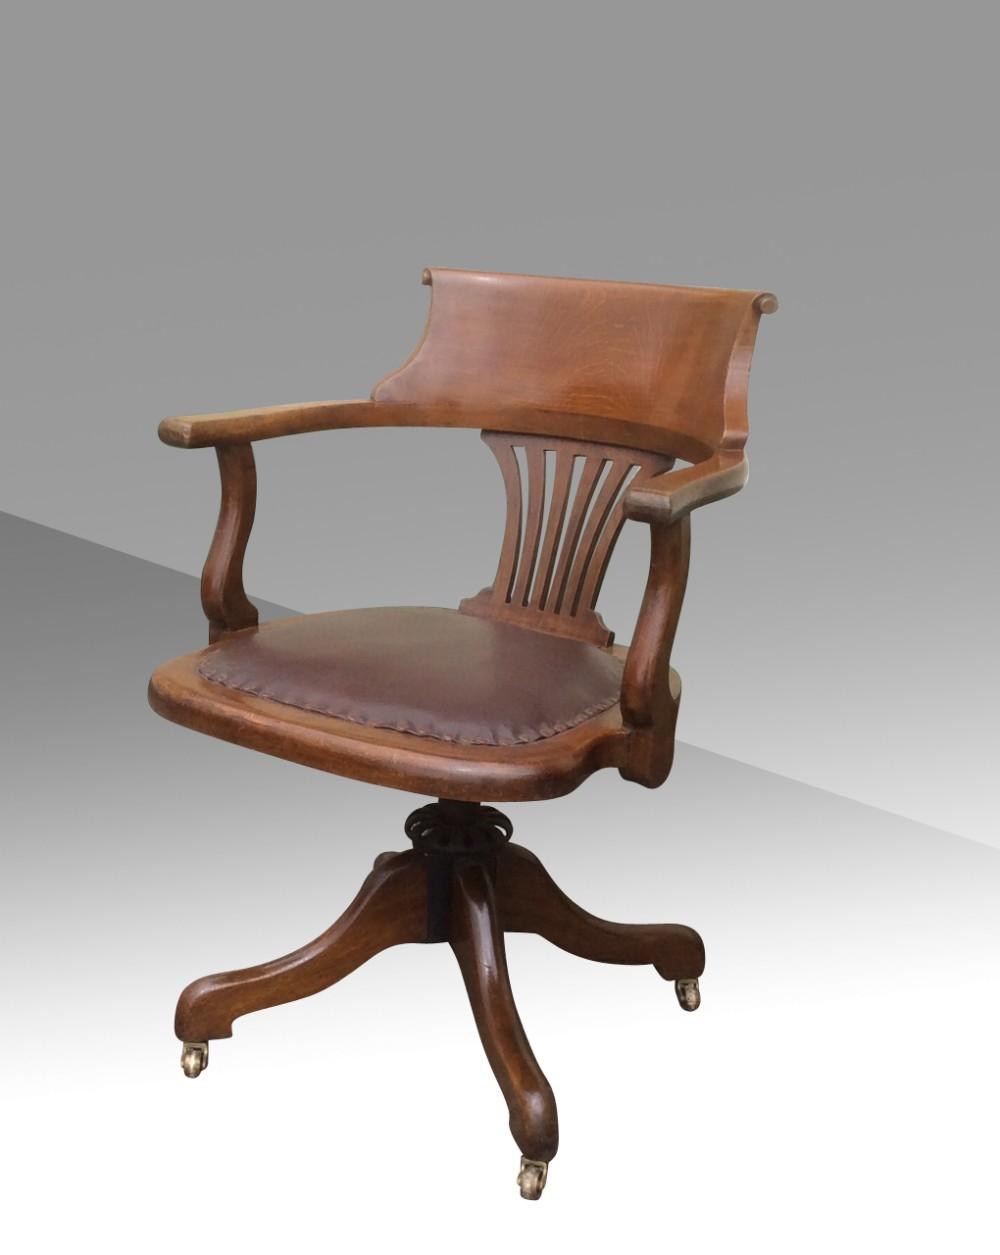 Antique captains chairs - Extremely Comfortable Swivel Tilt Antique Captains Desk Chair